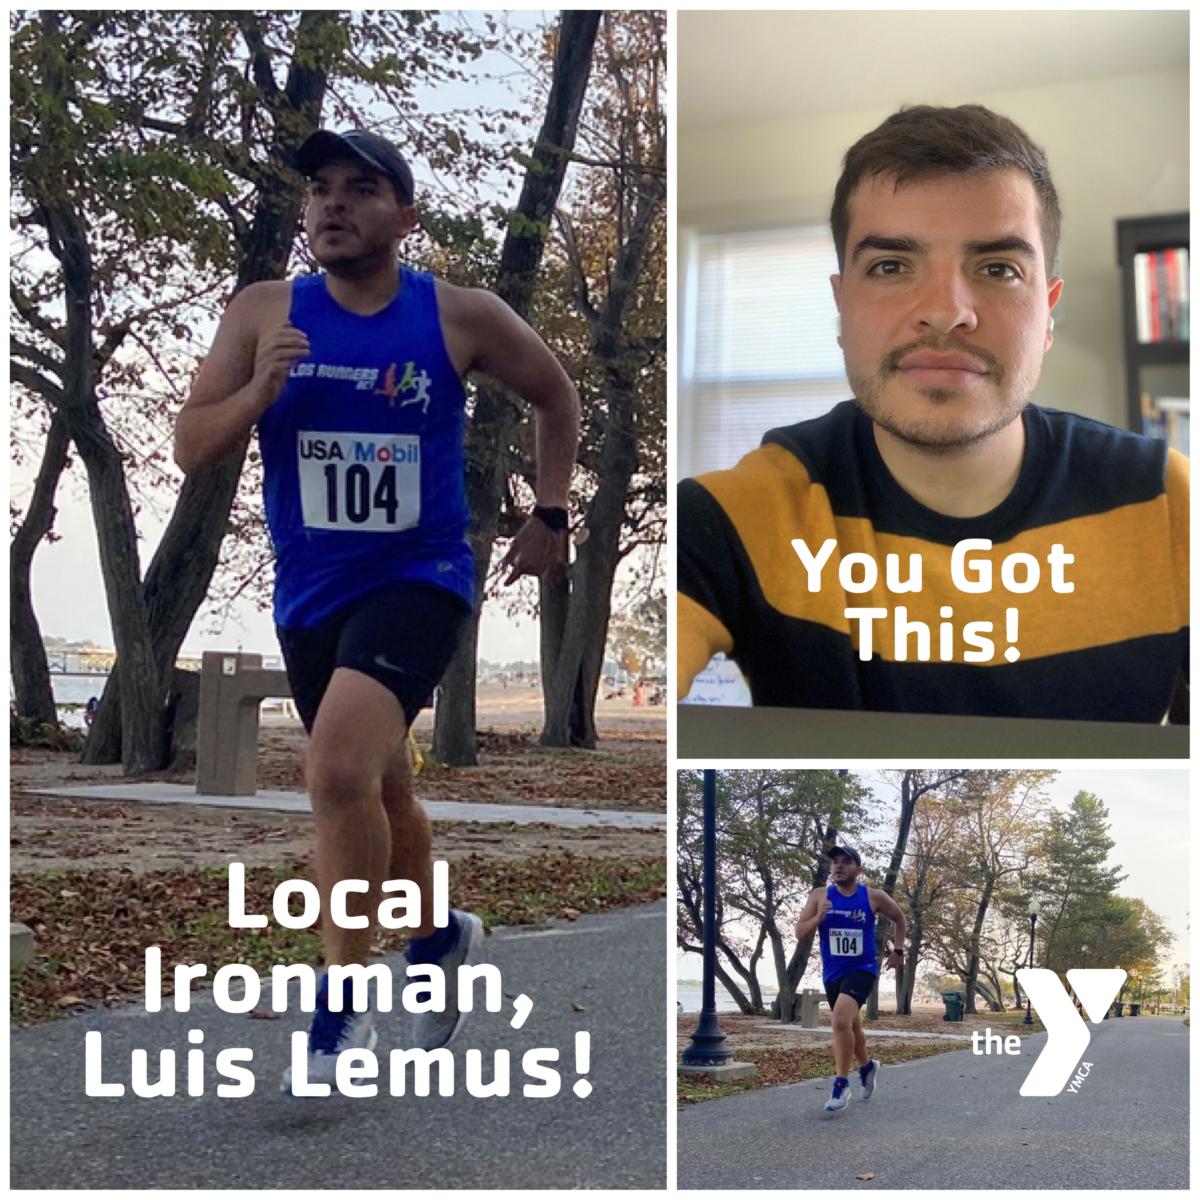 Luis Lemus Collage